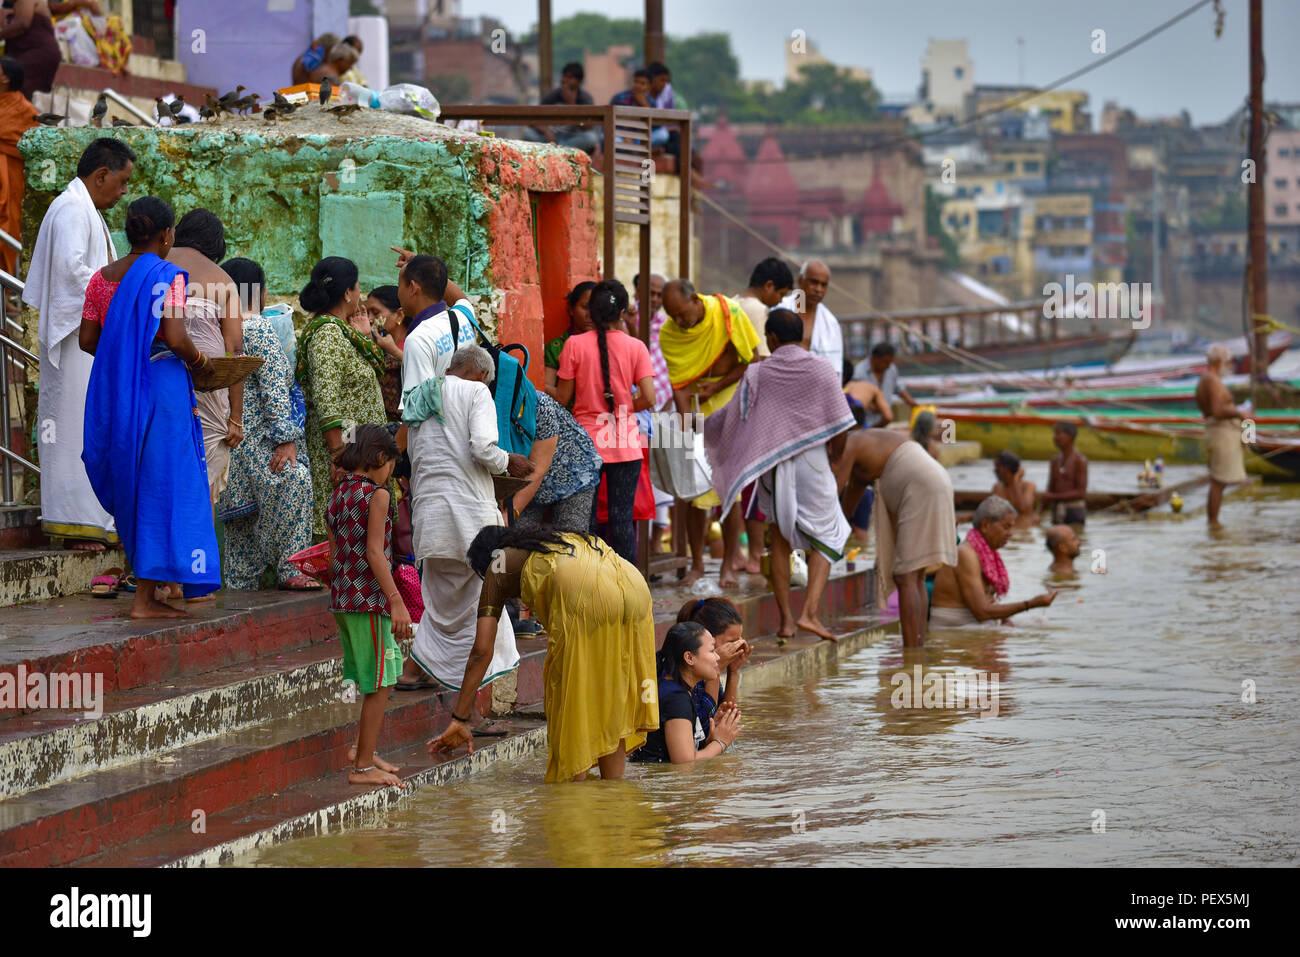 Hindu Indian pilgrims bathing and praying in Ganges river Stock Photo